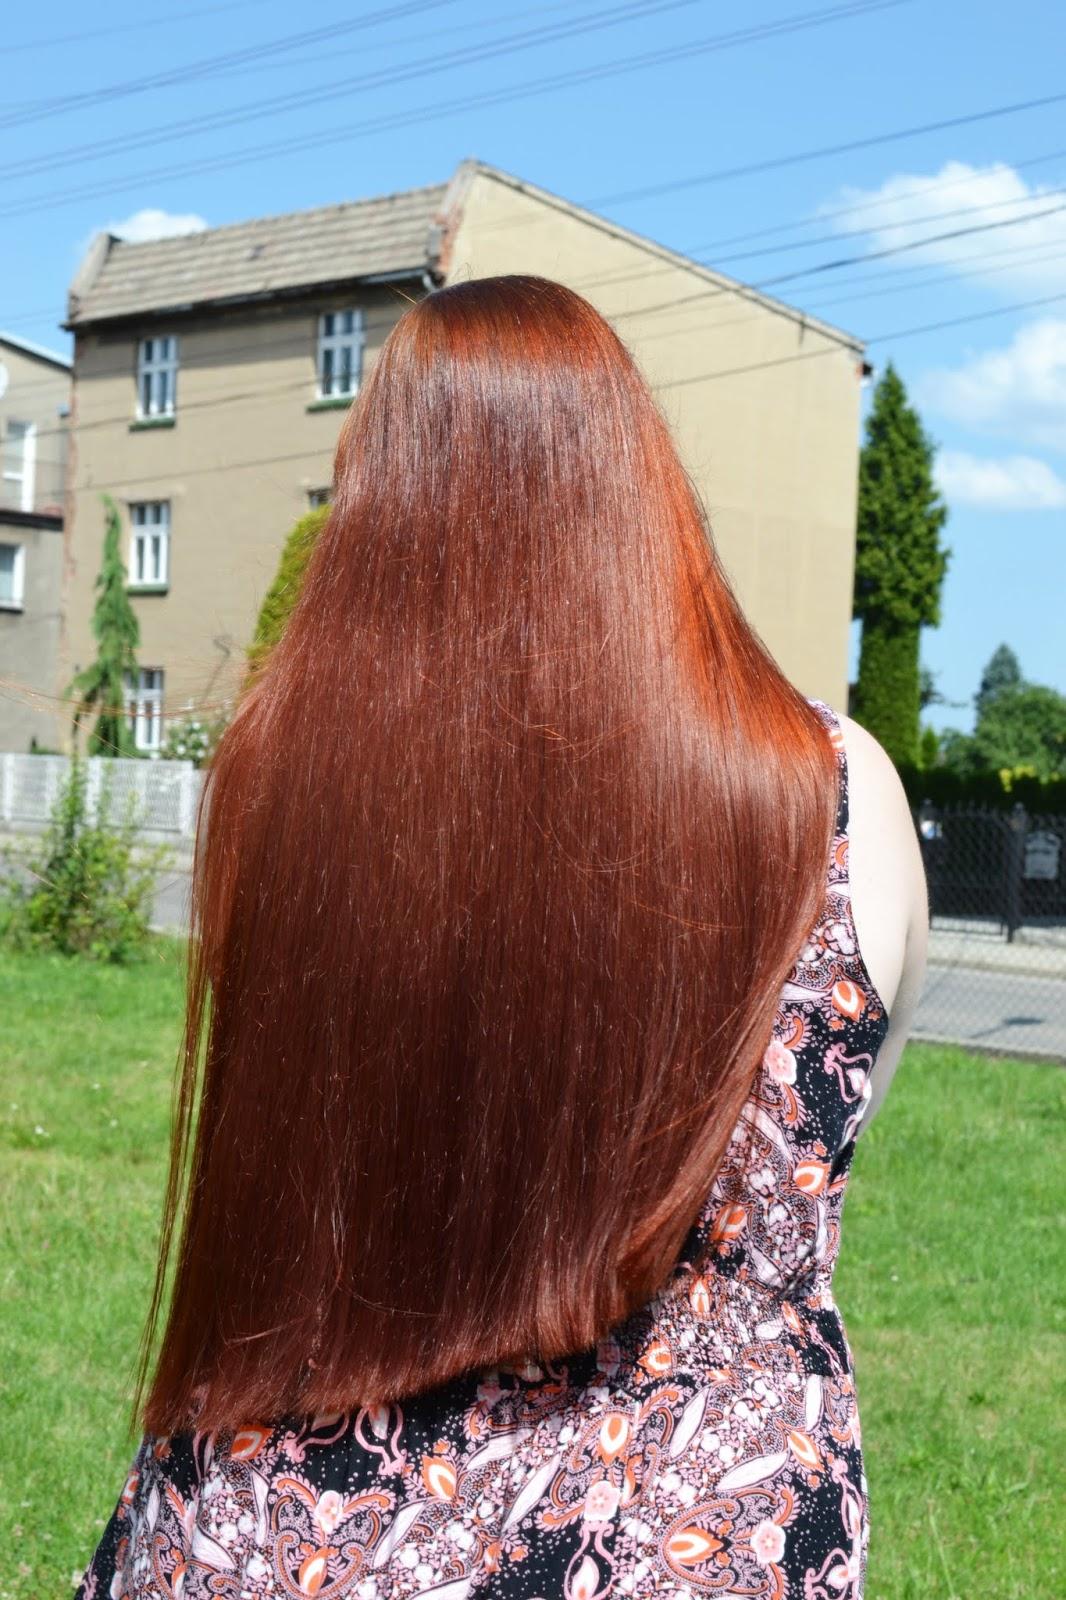 Nowości do pielęgnacji włosów marki NaturalME - kuracja miodowania, serum bez silikonów